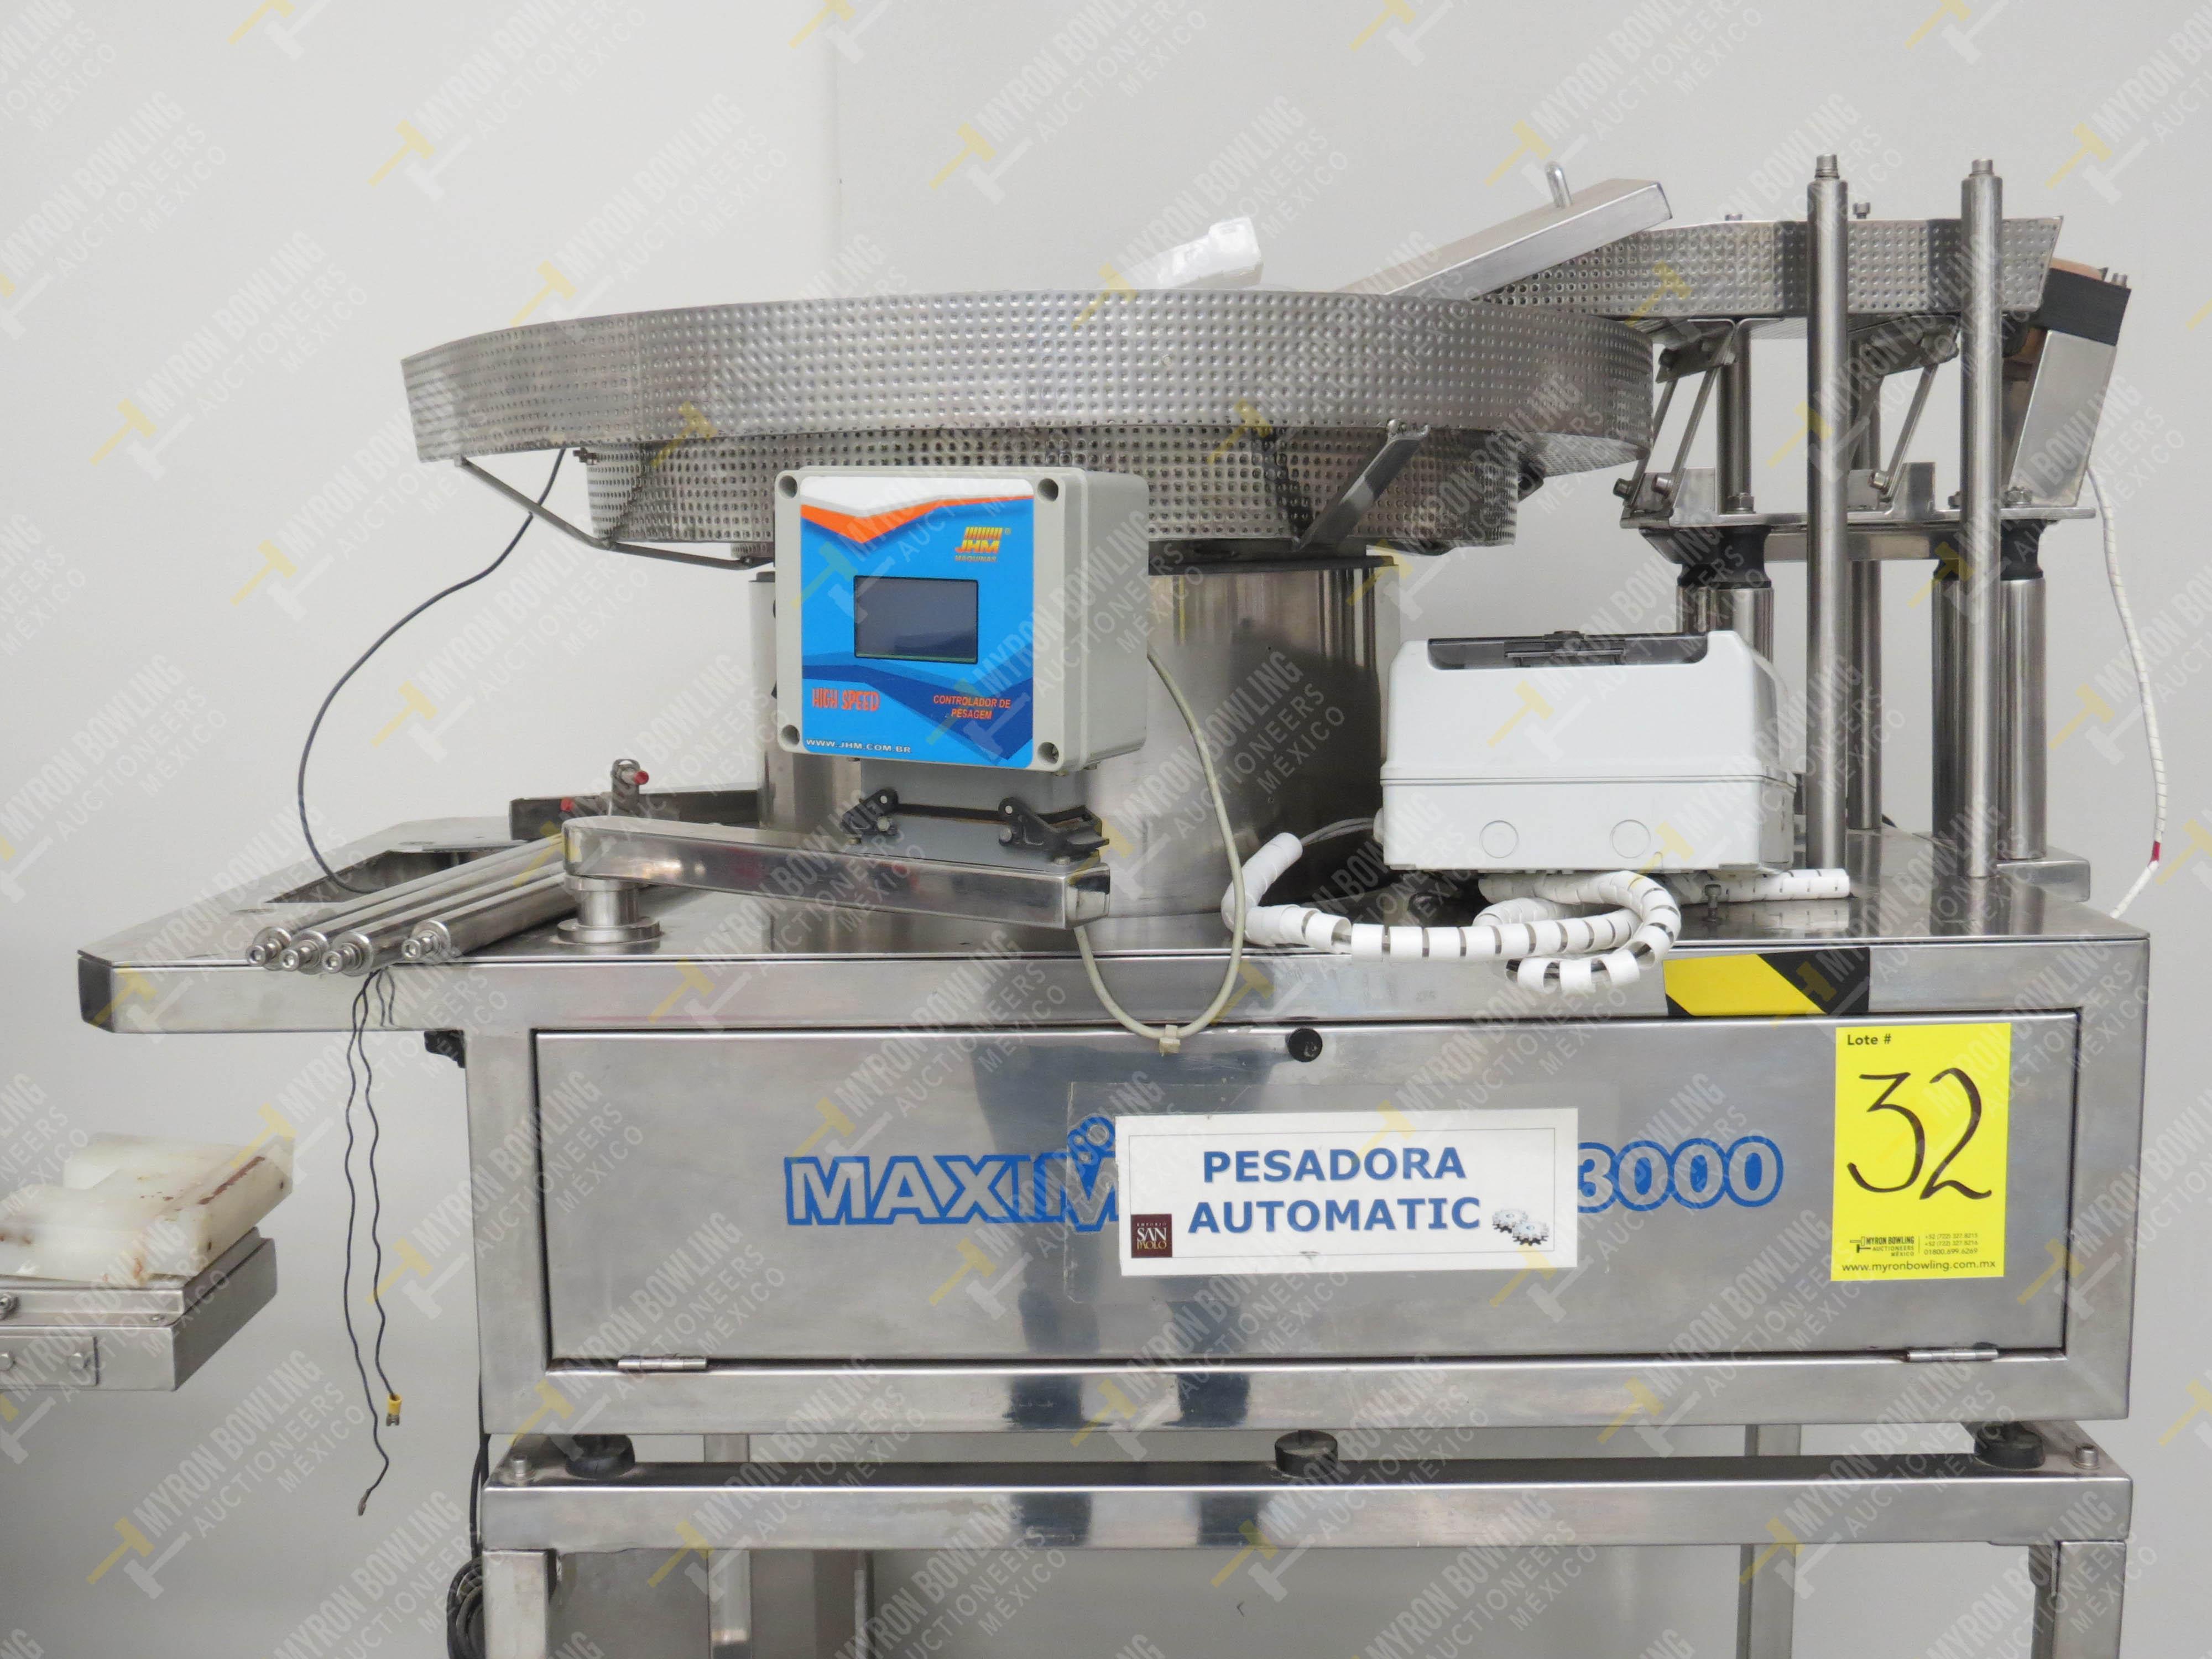 Pesadora automática de precisión marca JHM Máquinas, Modelo Maximatic CLP 3000 Incluye …